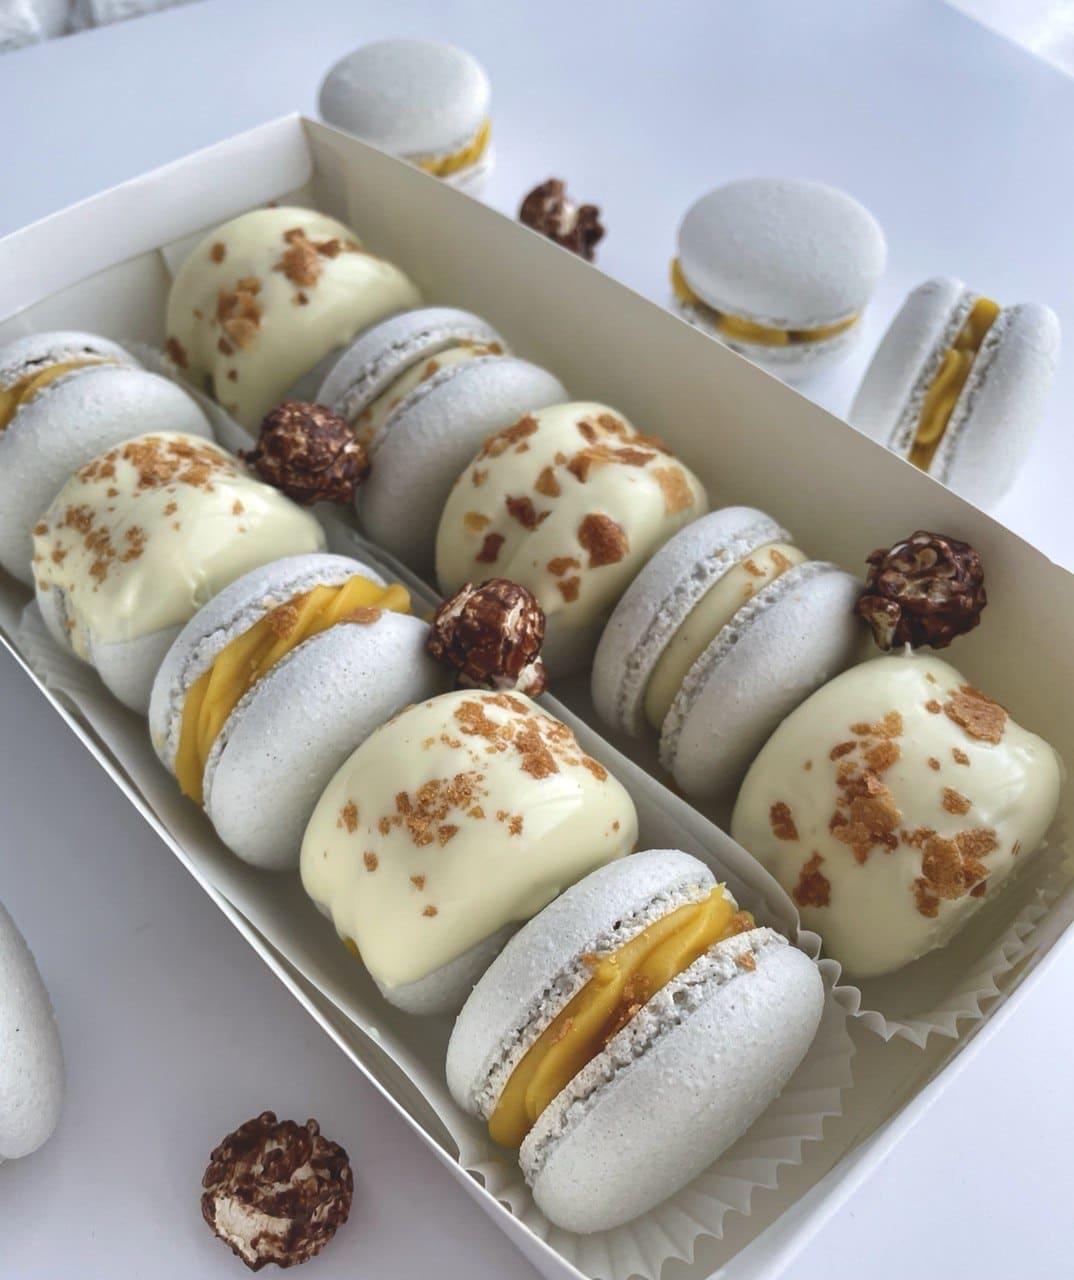 Макарон (макаронс, макарун) из натуральных ингредиентов